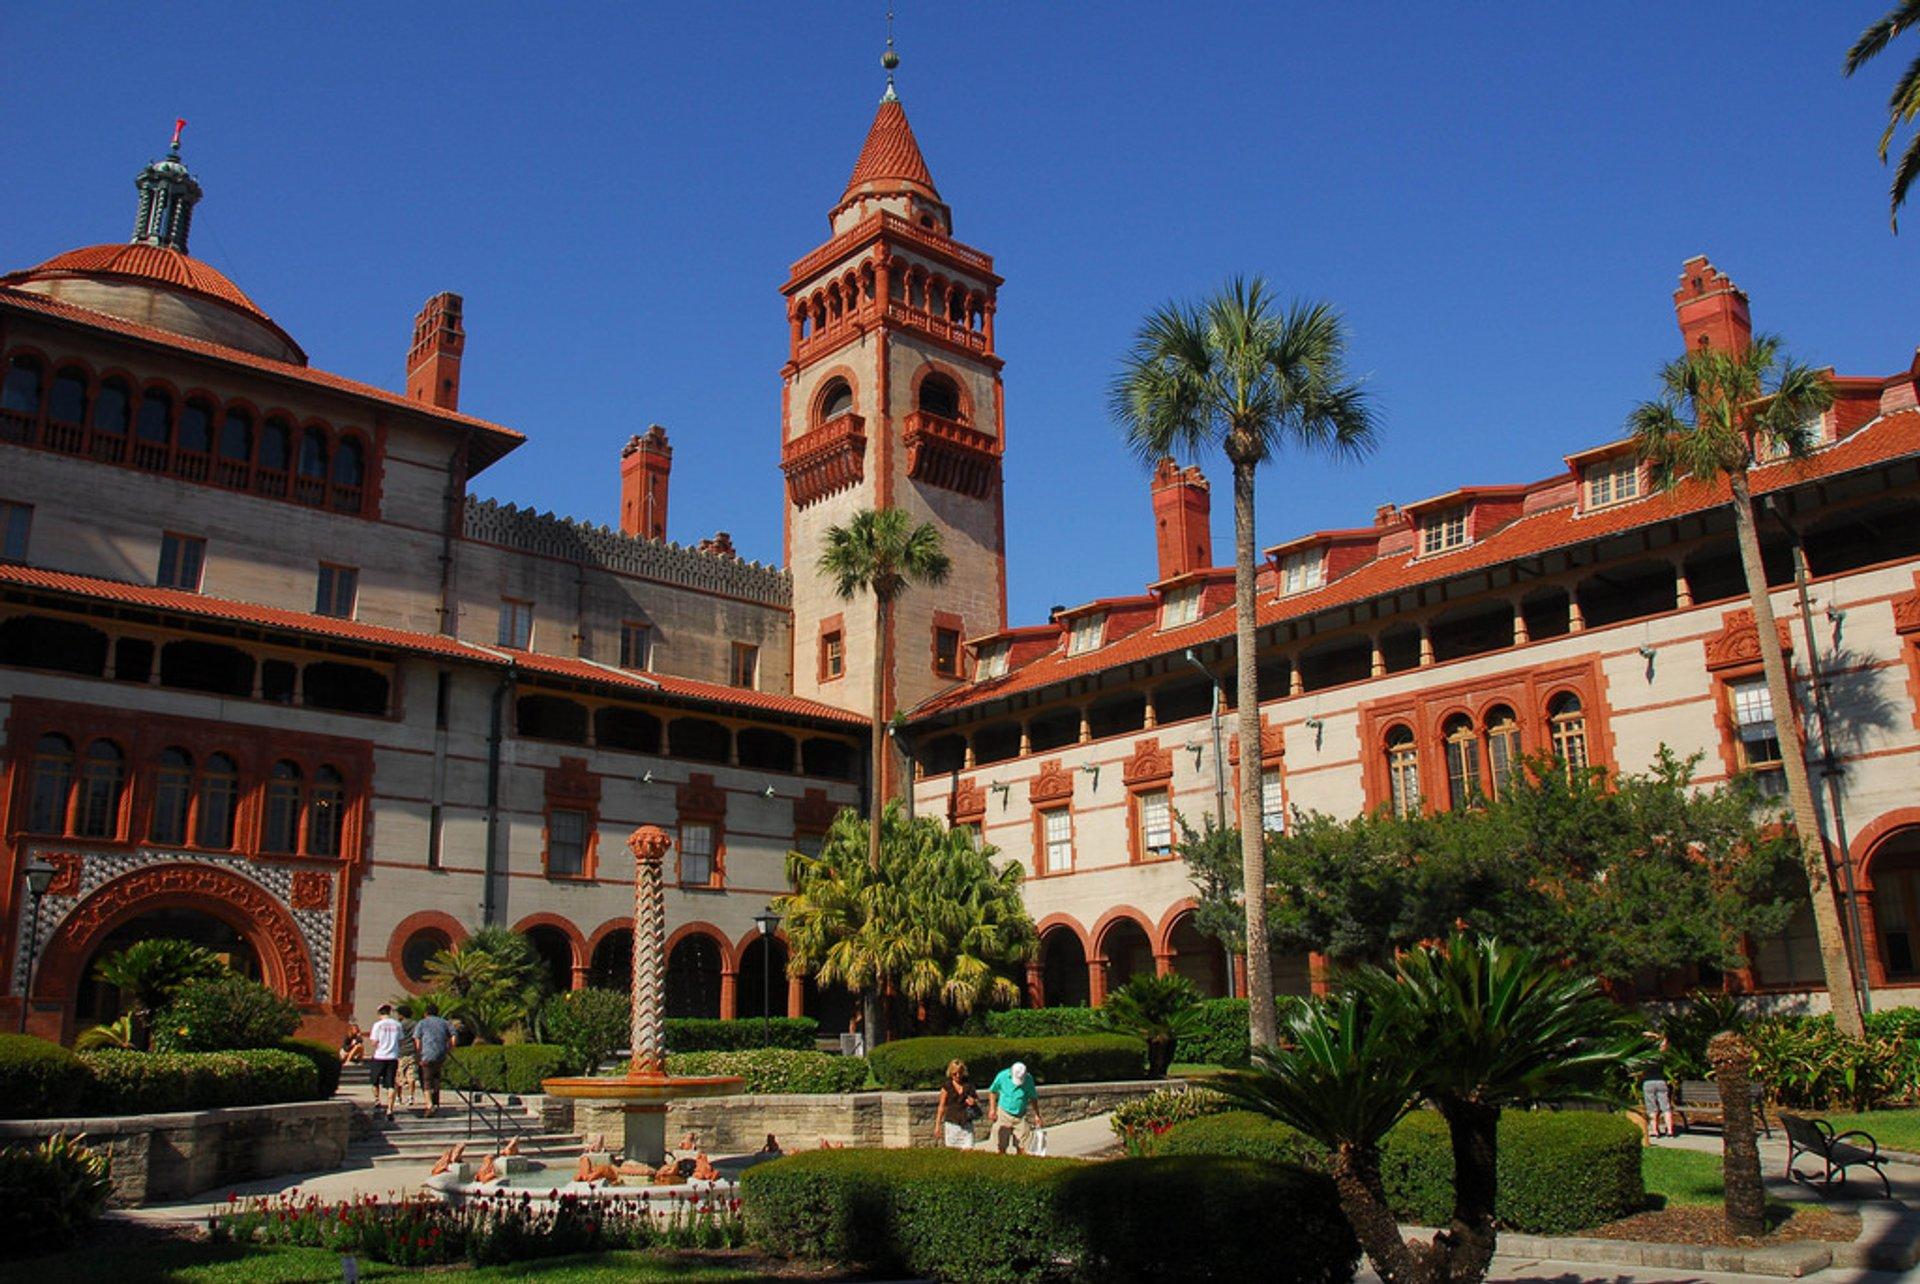 Best time for Ponce de Leon Hotel (Flagler College) in Florida 2020